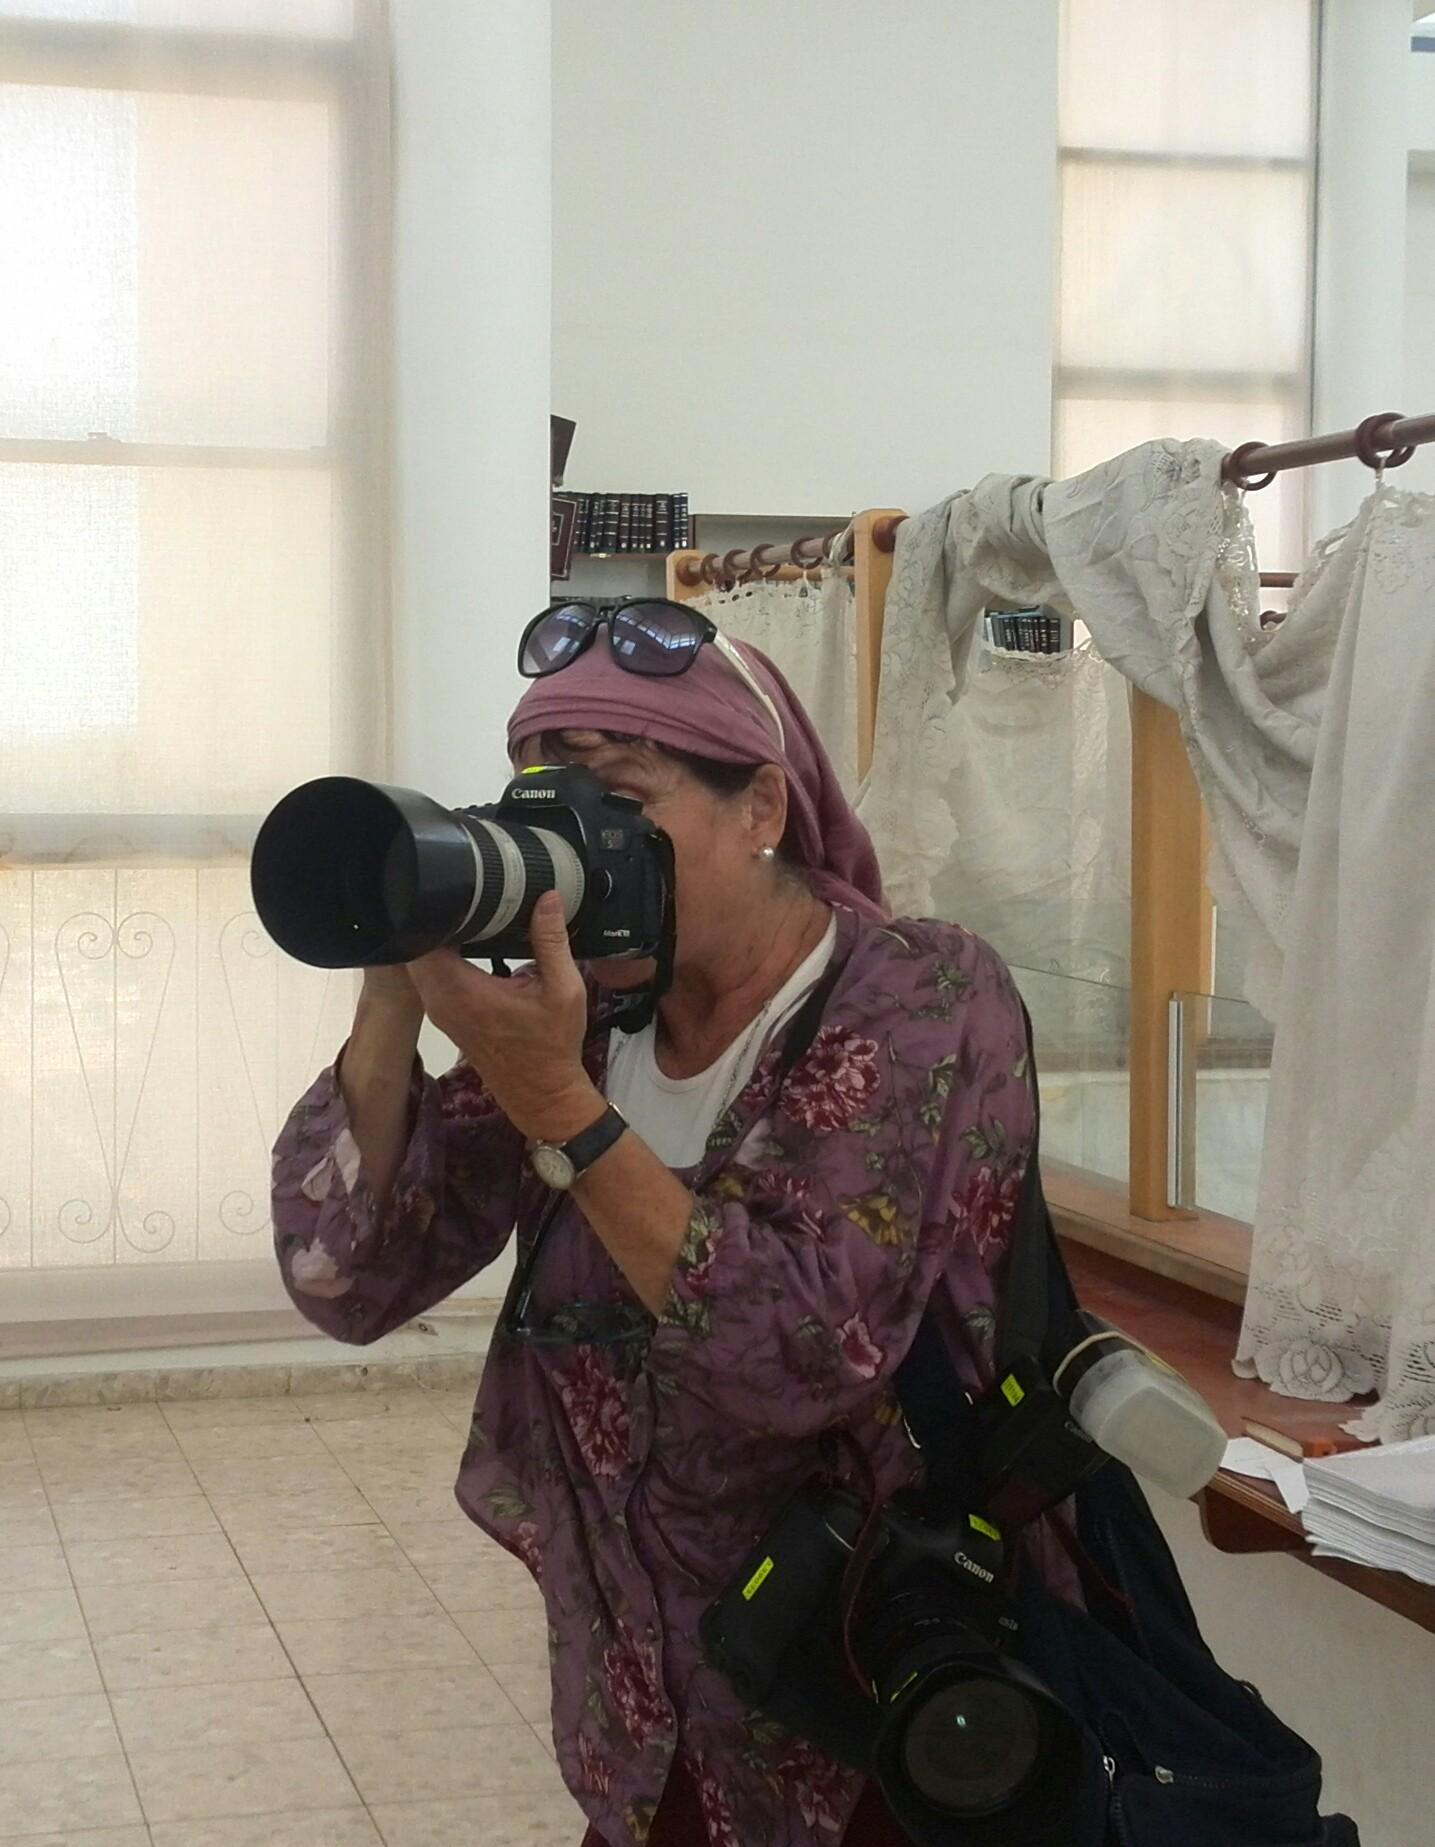 Image of Miriam Zahi from Wikidata